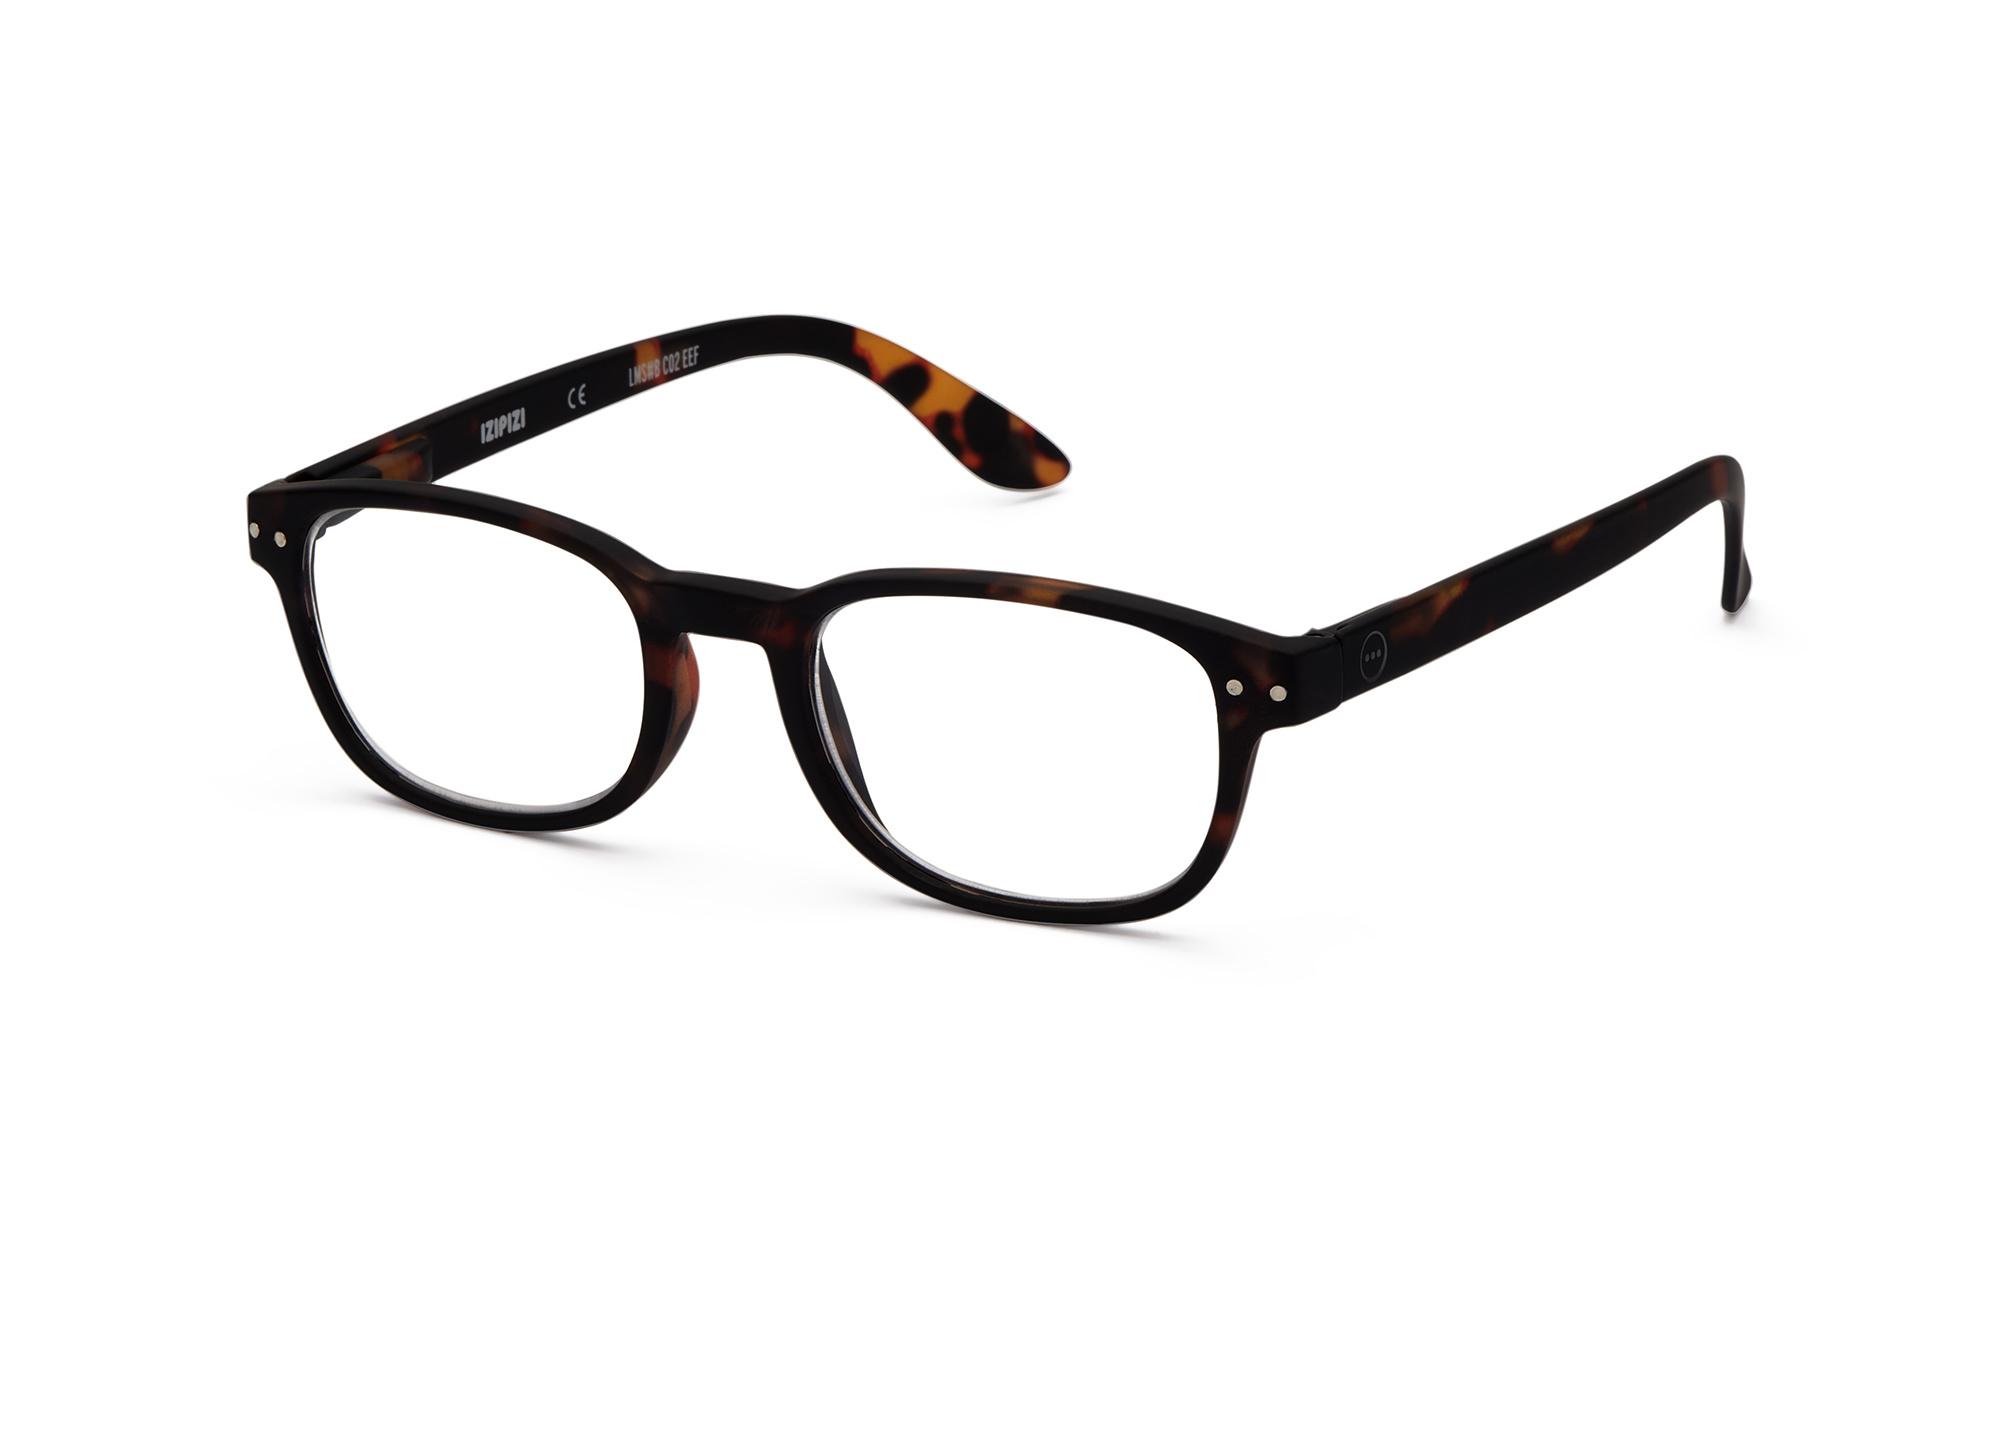 Izipizi leesbril model B Tortoise-3